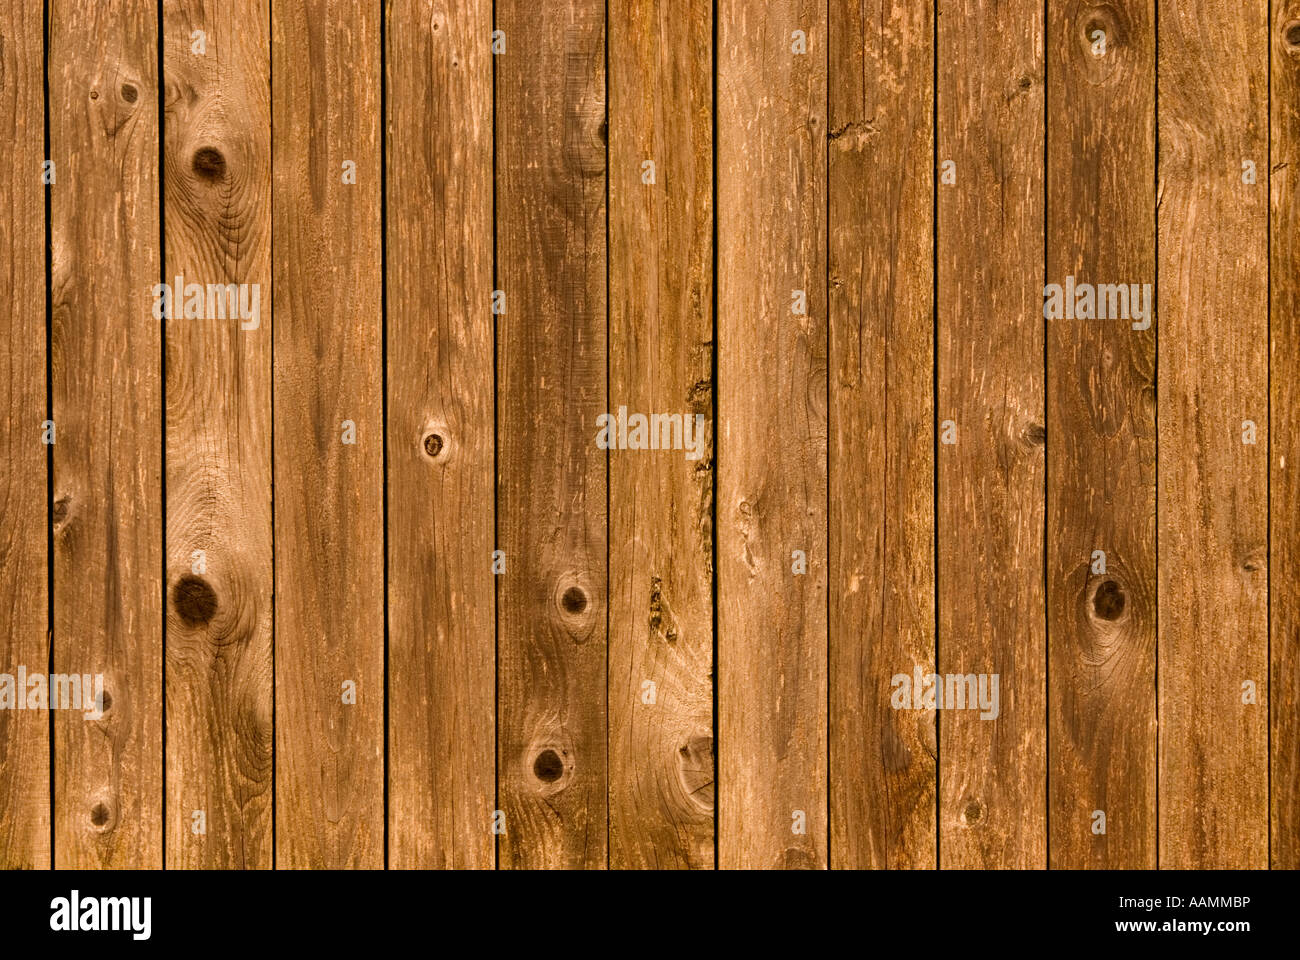 Nahaufnahme eines Holz-Zaun Stockbild